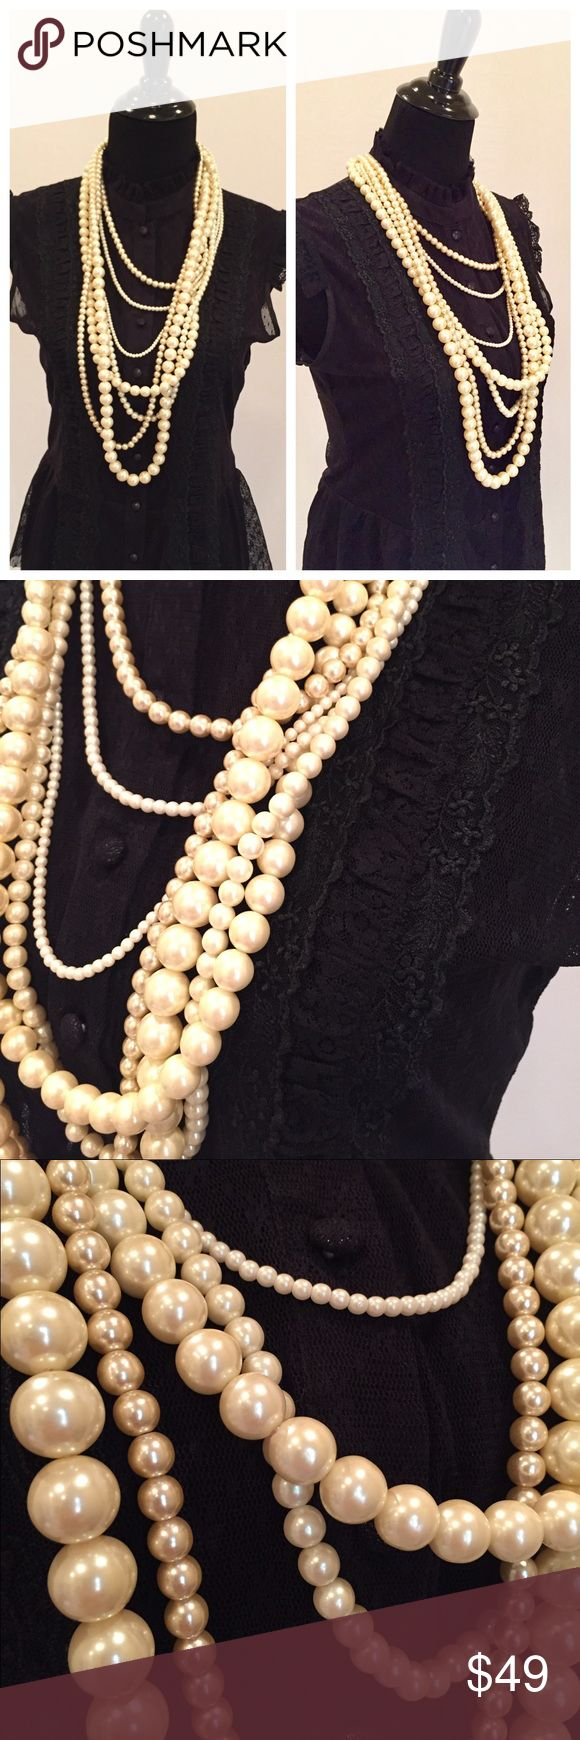 Banana Republic Multi Strand Faux Pearl Necklace Multi layered multi strand faux pearl necklace by Banana Republic. Worn only once. Banana Republic Jewelry Necklaces